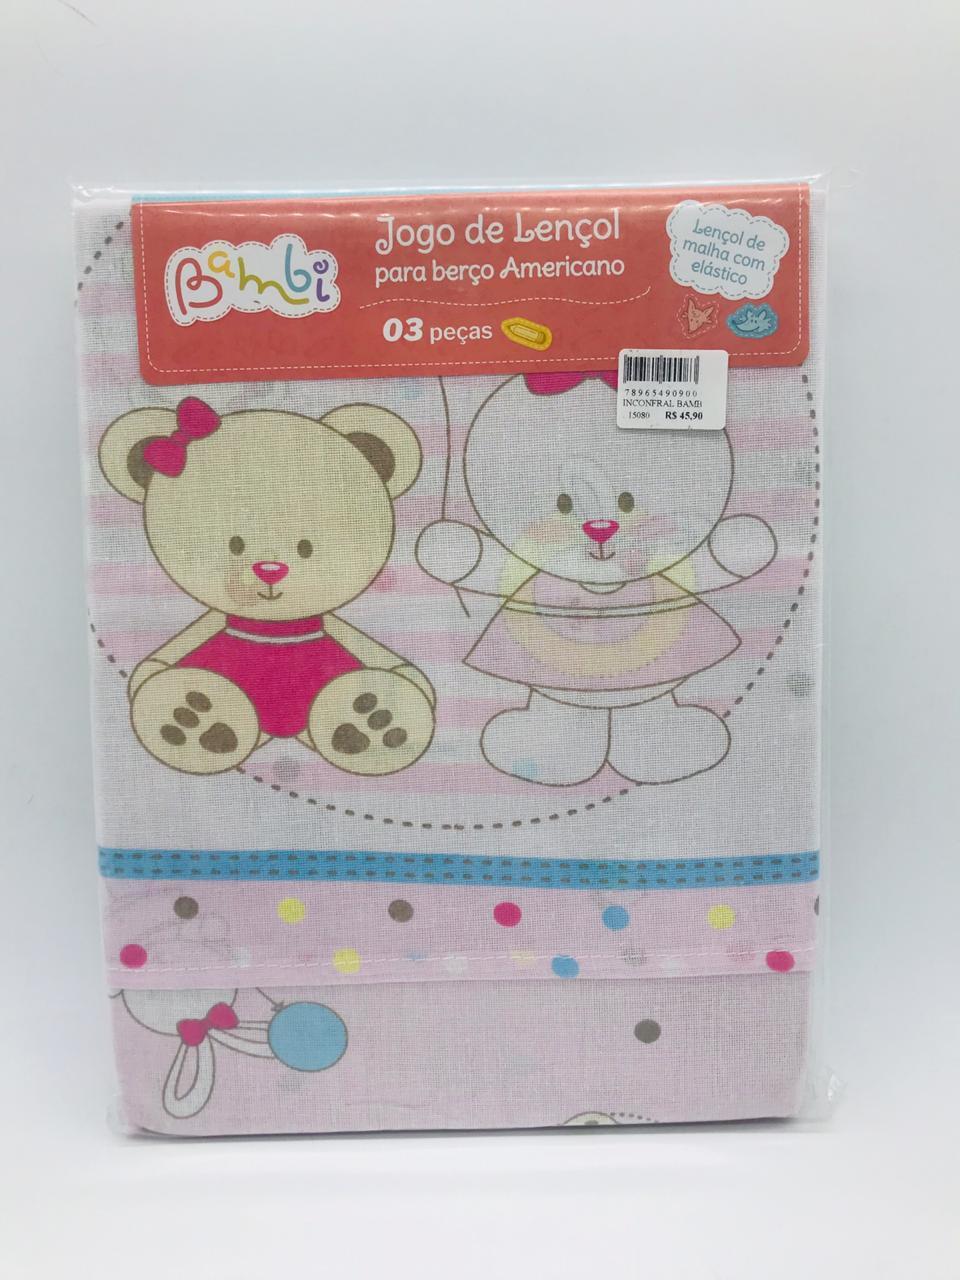 Jogo de Lençol 3 Pçs Ursinha Rosa - Bambi Incomfral Ref 02001204010014